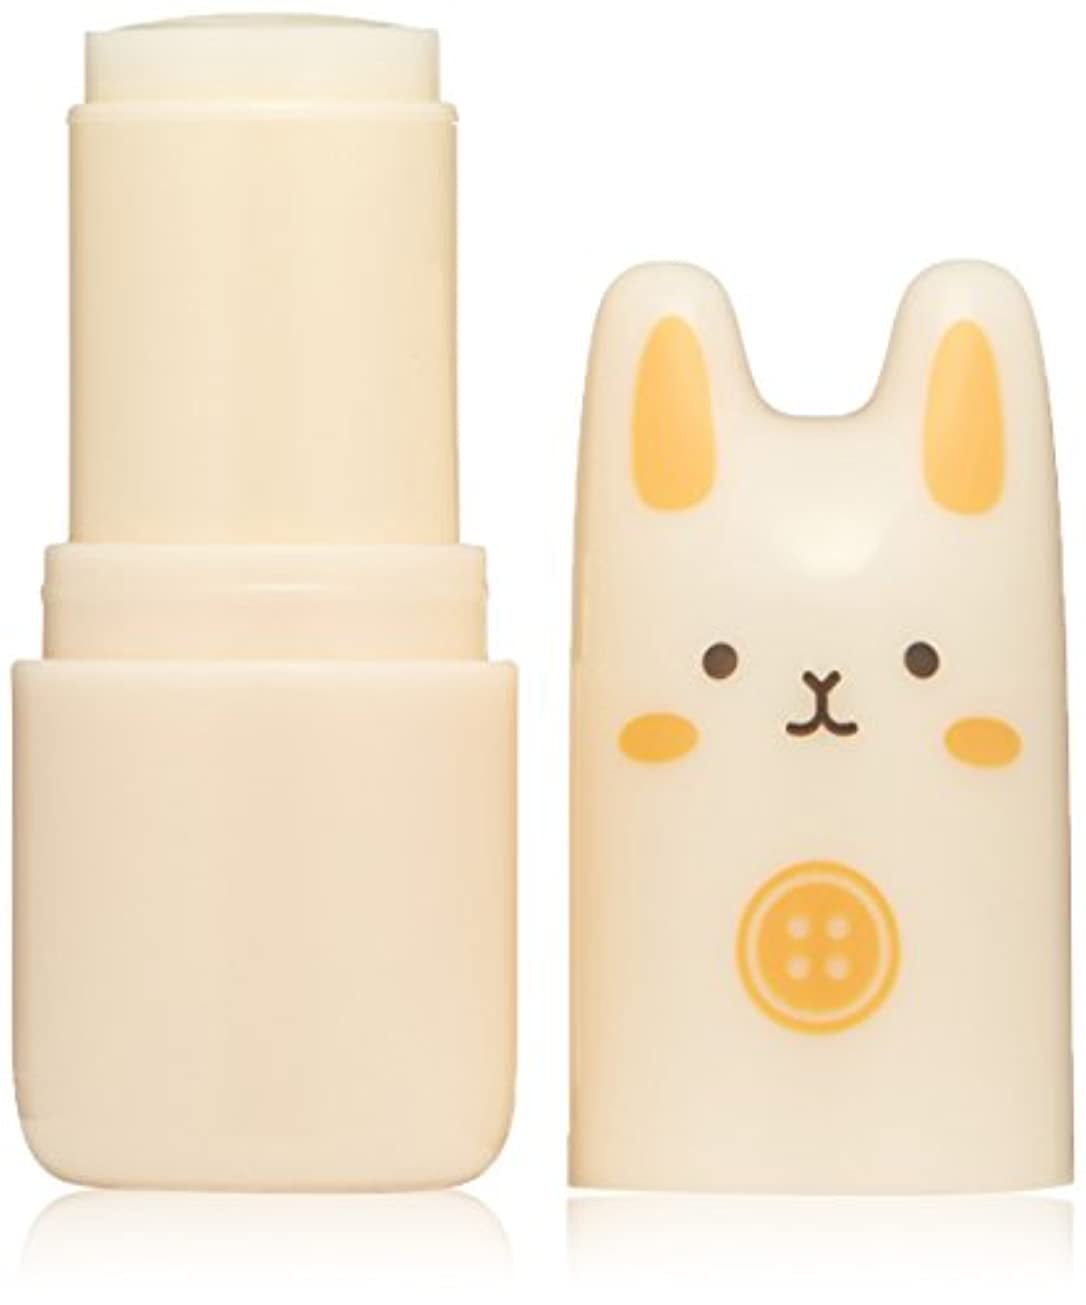 TONYMOLY Pocket Bunny Perfume Bar Bebe Bunny 01 (並行輸入品)